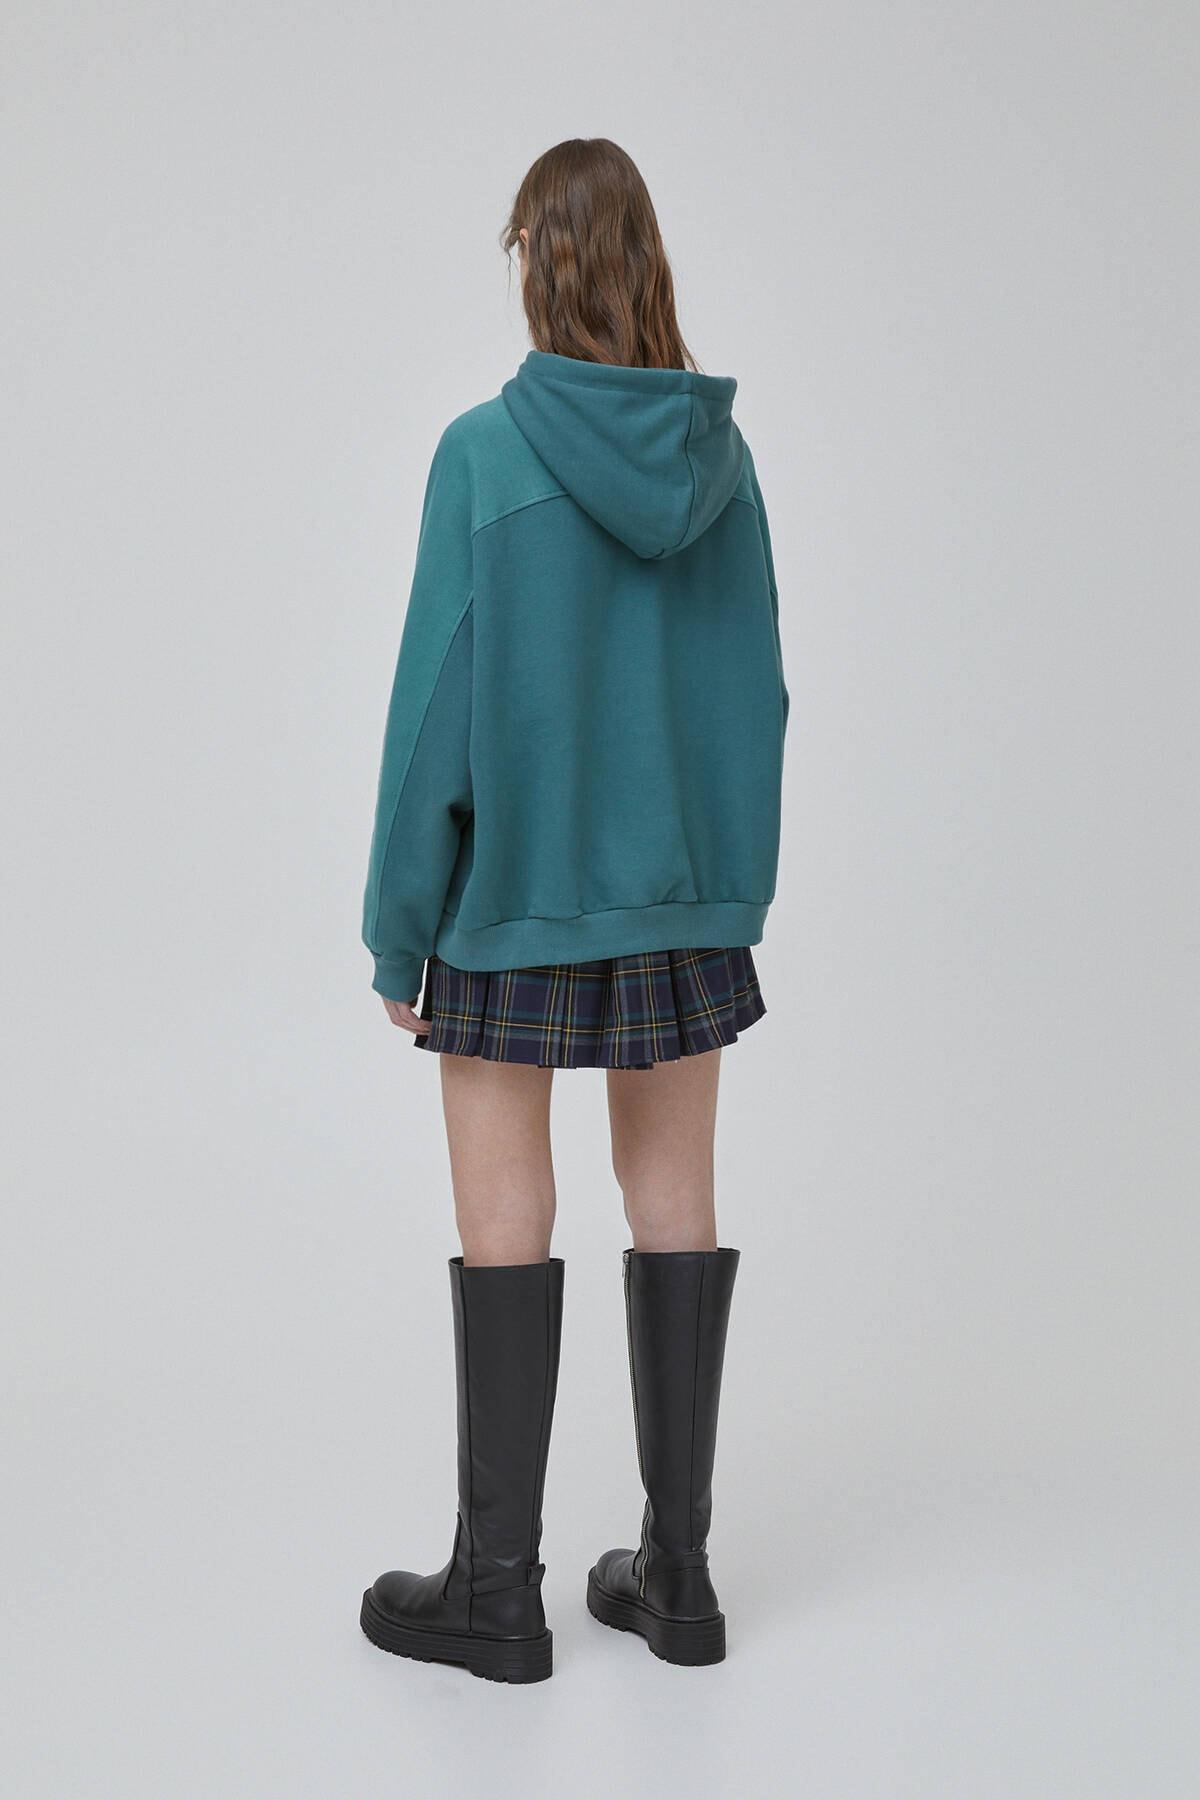 Pull & Bear Kadın Şişe Yeşili Yeşil Blok Renkli Sweatshirt 09594347 3